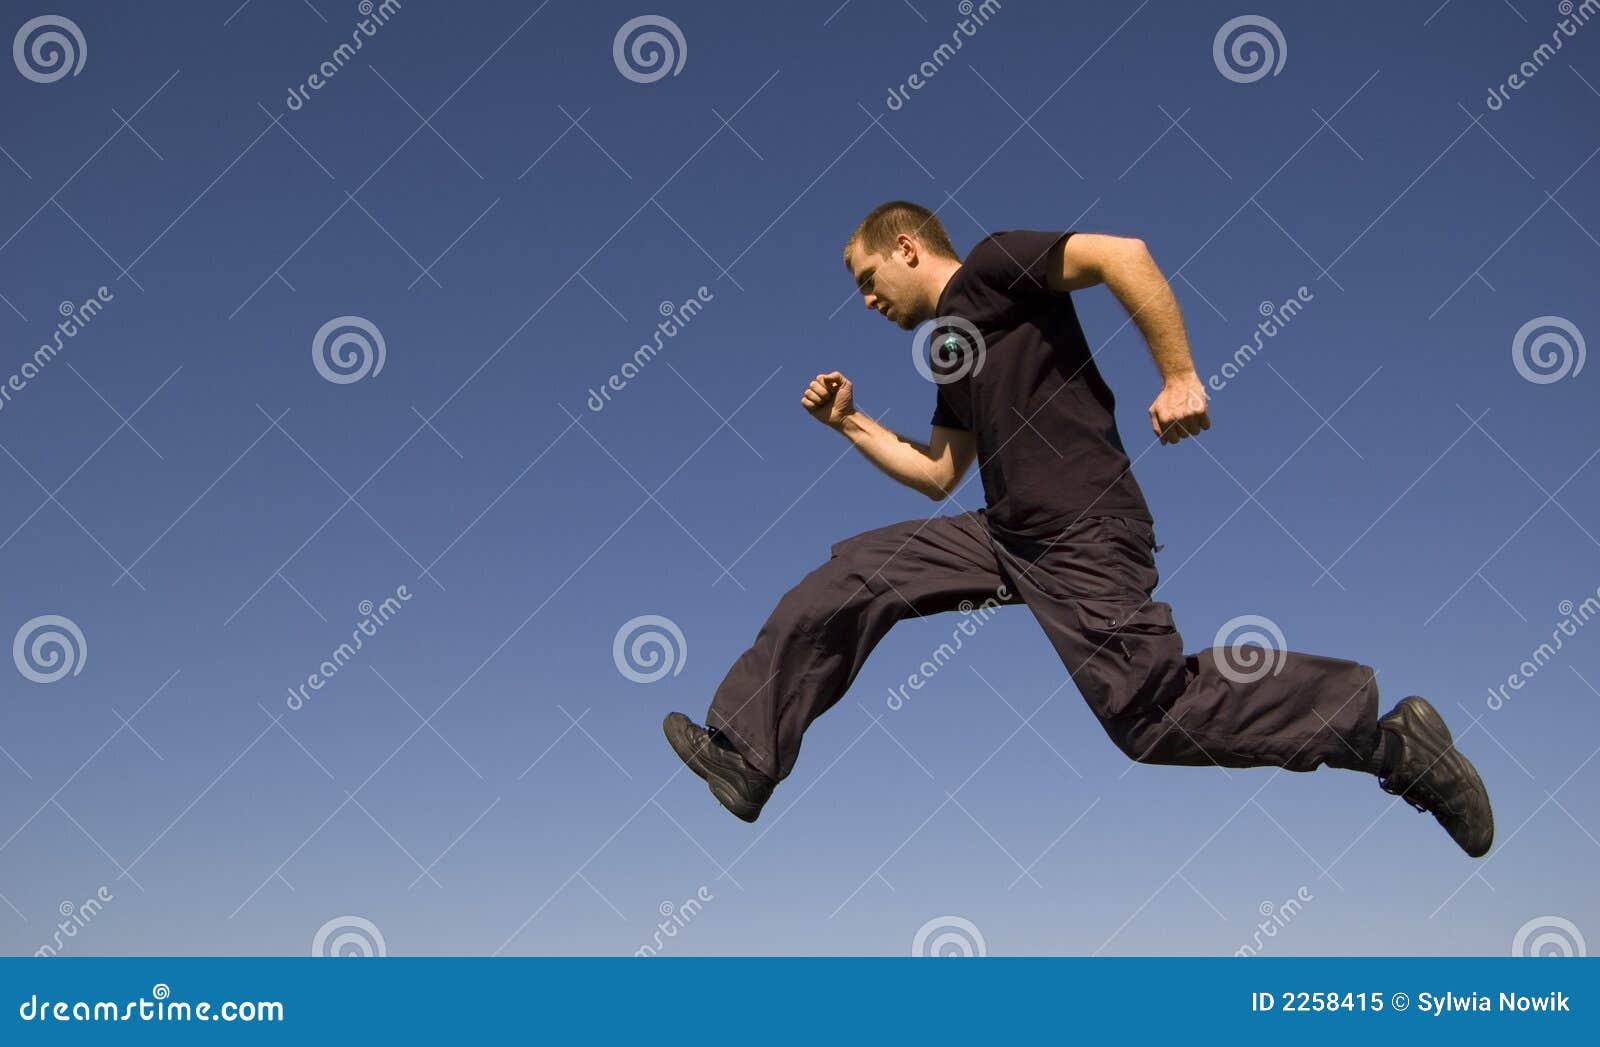 Biegnij powietrza